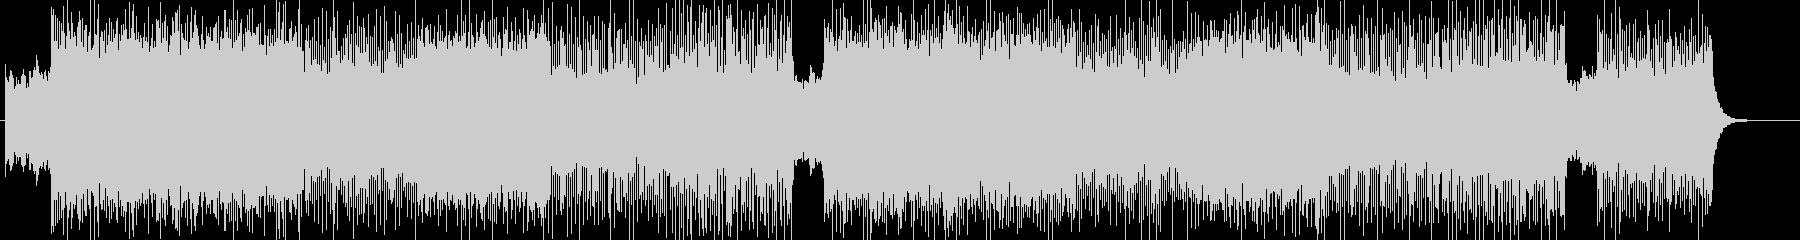 ハードでメタル系より作曲 BGM258の未再生の波形